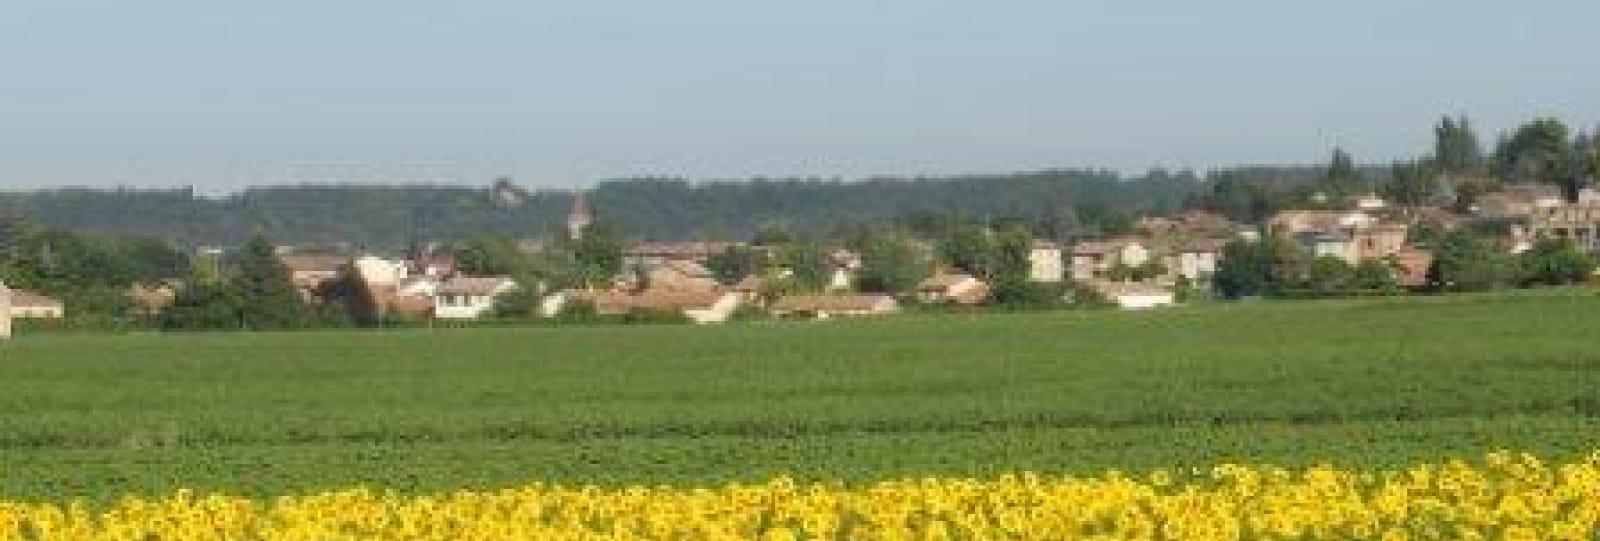 Village de Mours